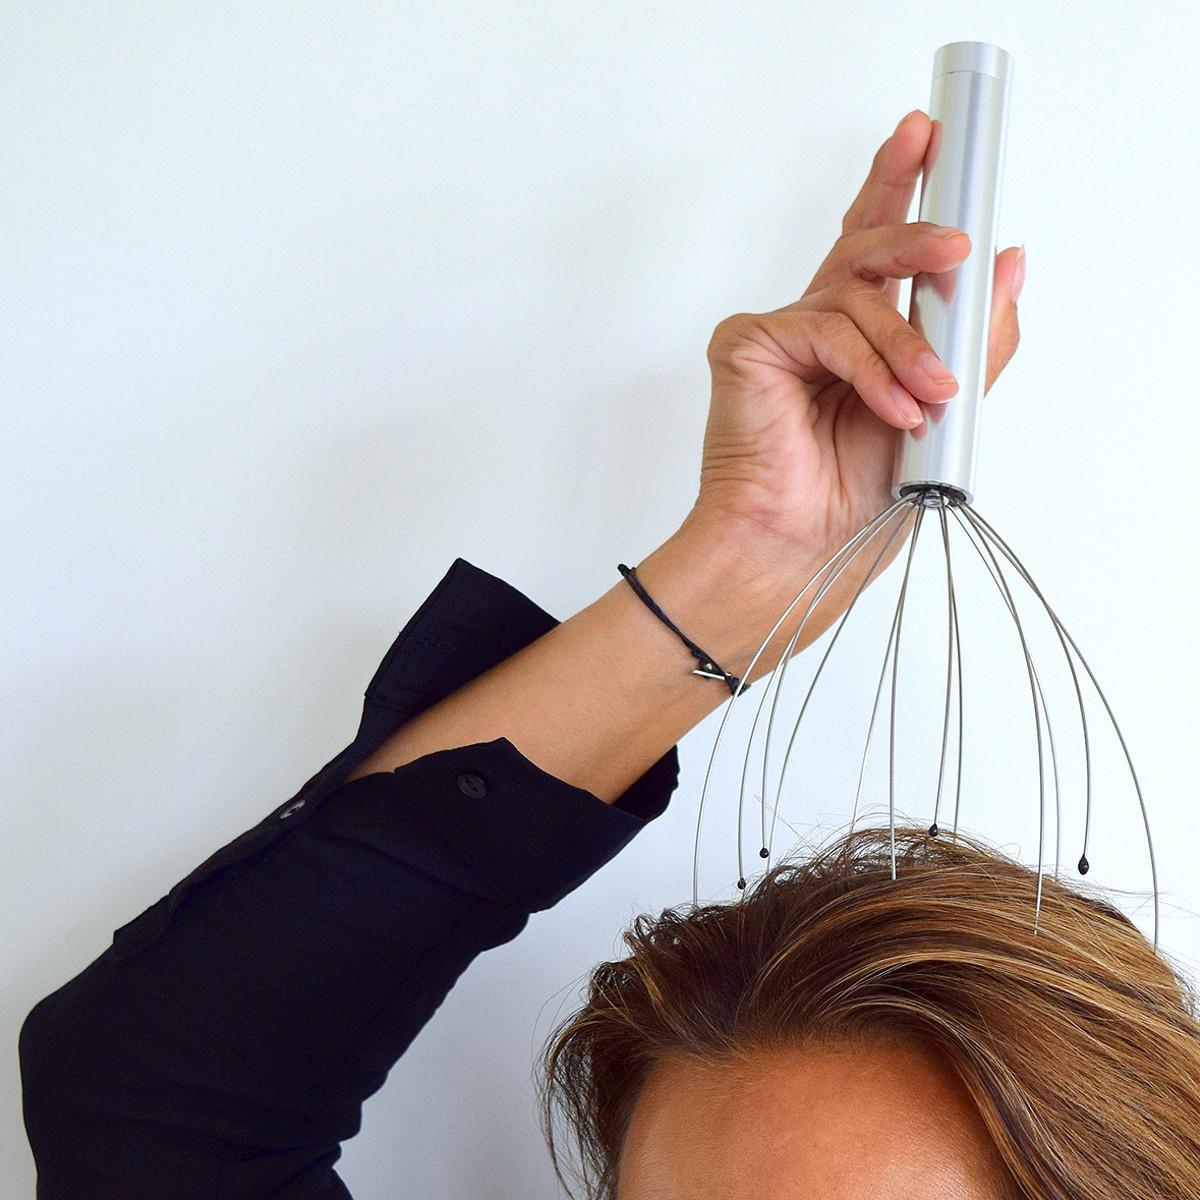 Elektroninen päähierontalaite